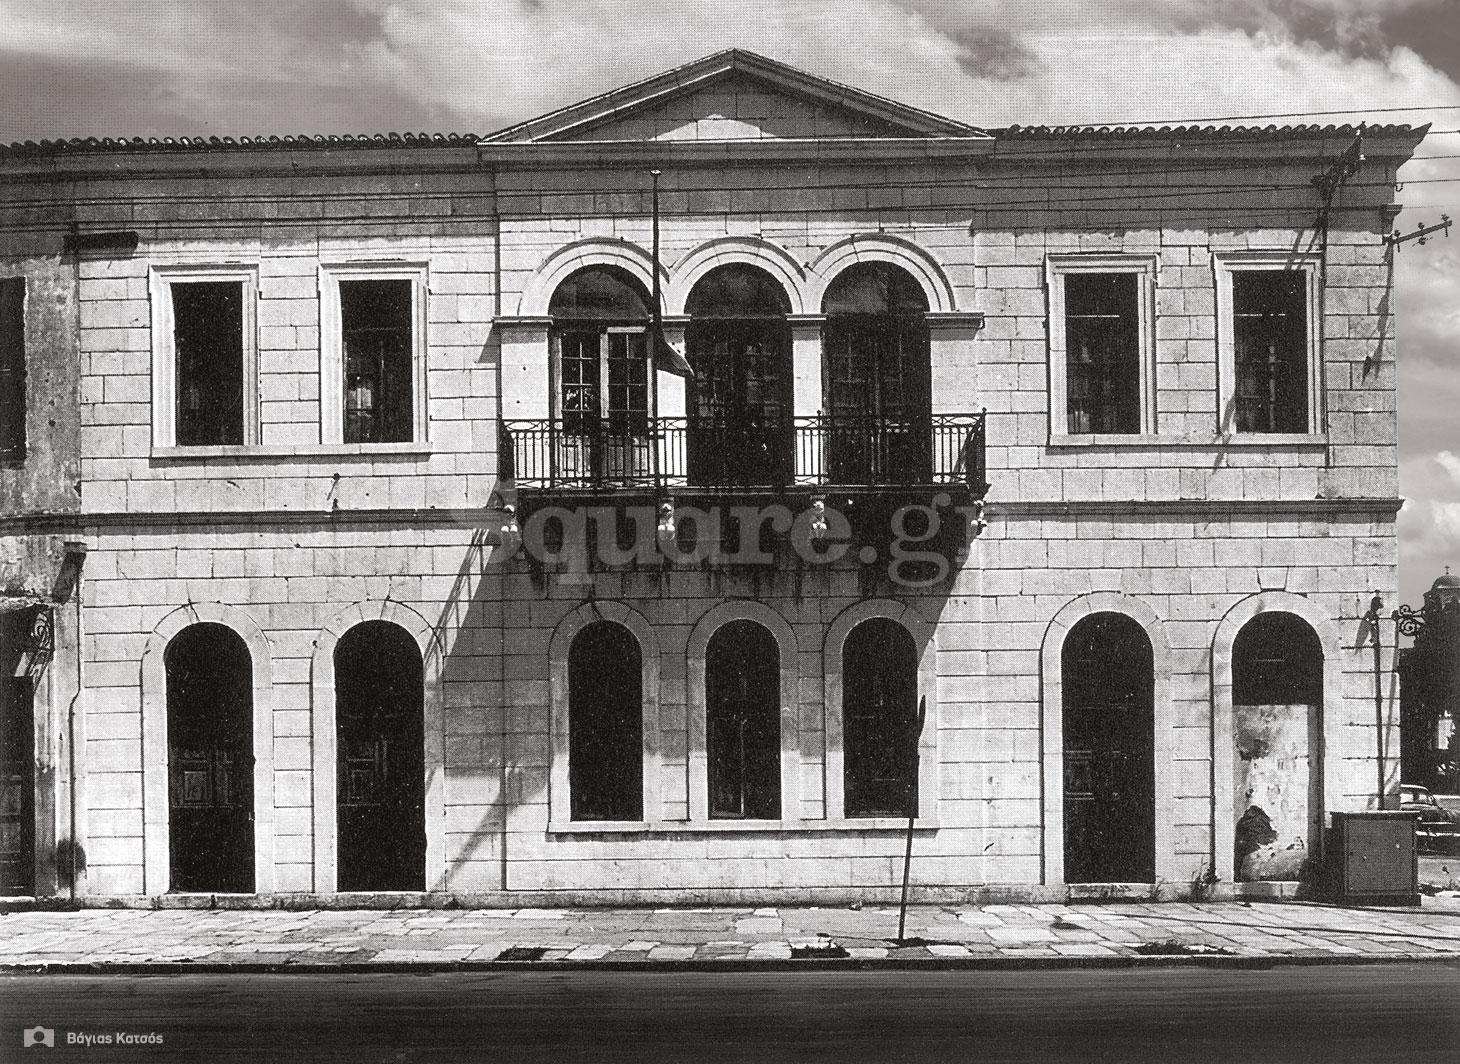 1-Σπίτια-Κοκκίνη-Κυλινδρόμυλος-Καράκωστα-Σκούρα-Κατεδαφίστηκε-το-1968-Φωτ-Μ-Βερνάρδος-1966-square-logo